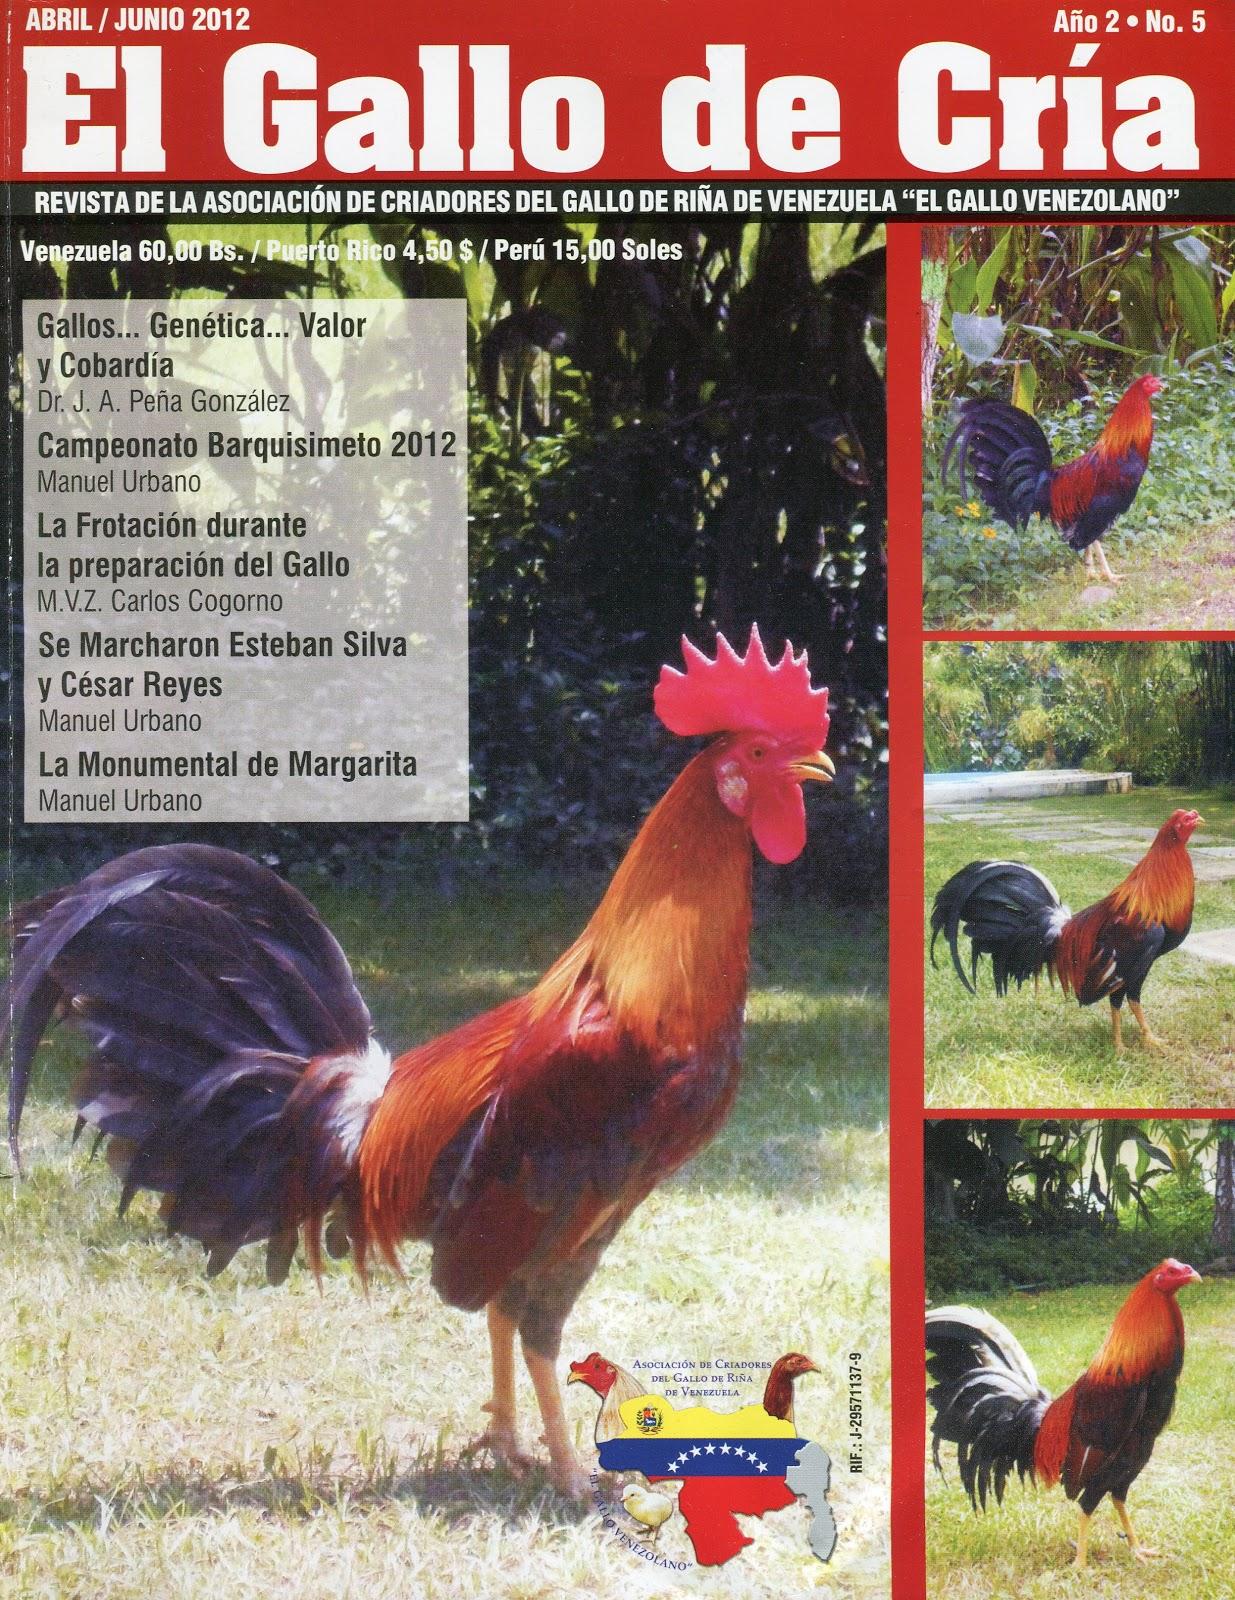 Exclusivo gallo negro XXX Porno Canal / gallo negro